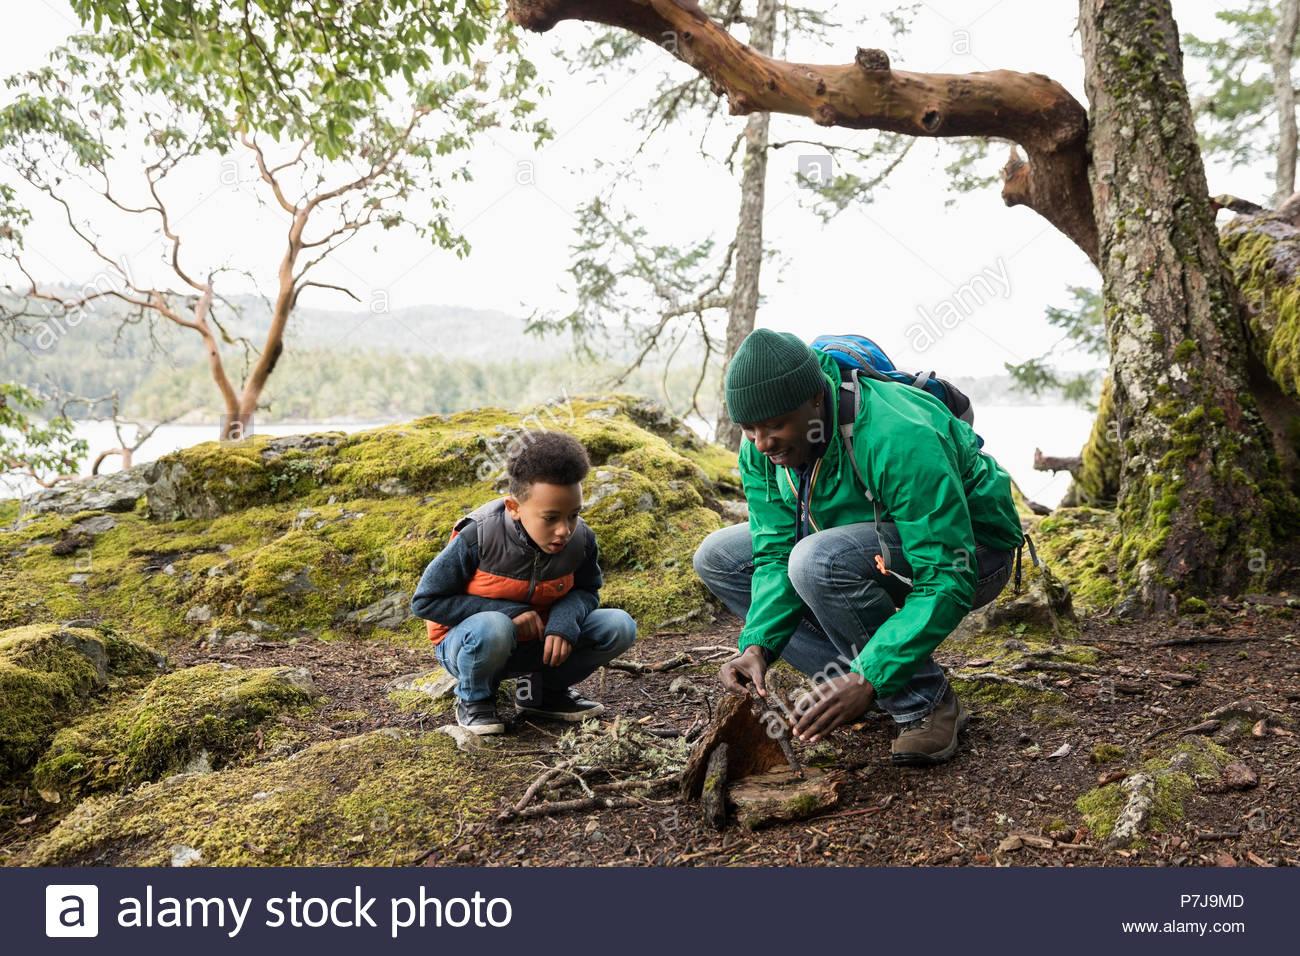 Vater und Sohn bauen Lagerfeuer im Wald Stockbild